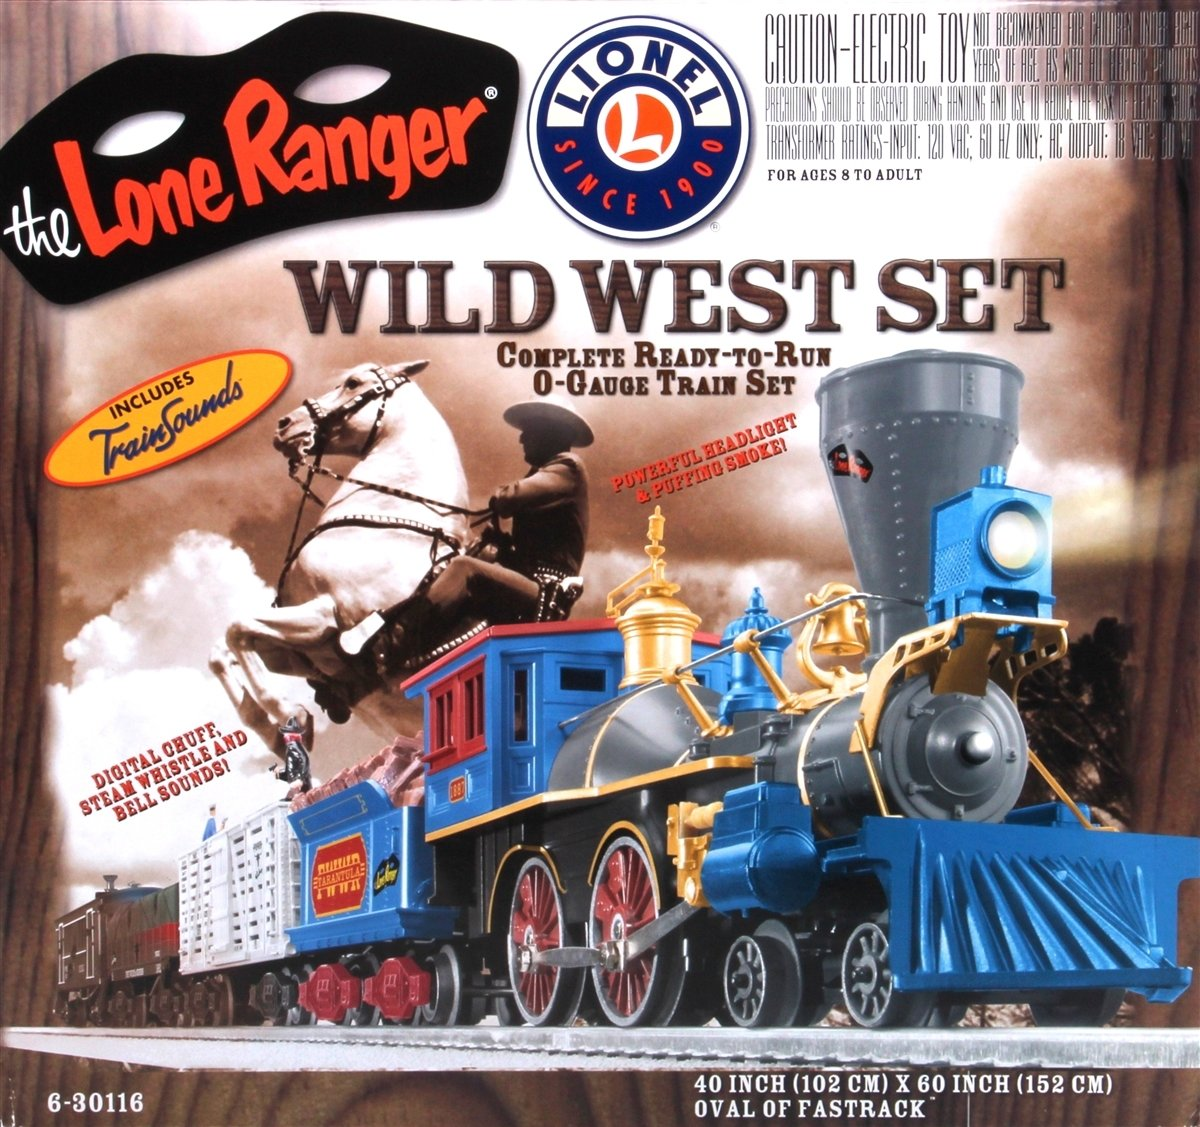 Lone RangerWild West Set (4-4-0 General #1887)